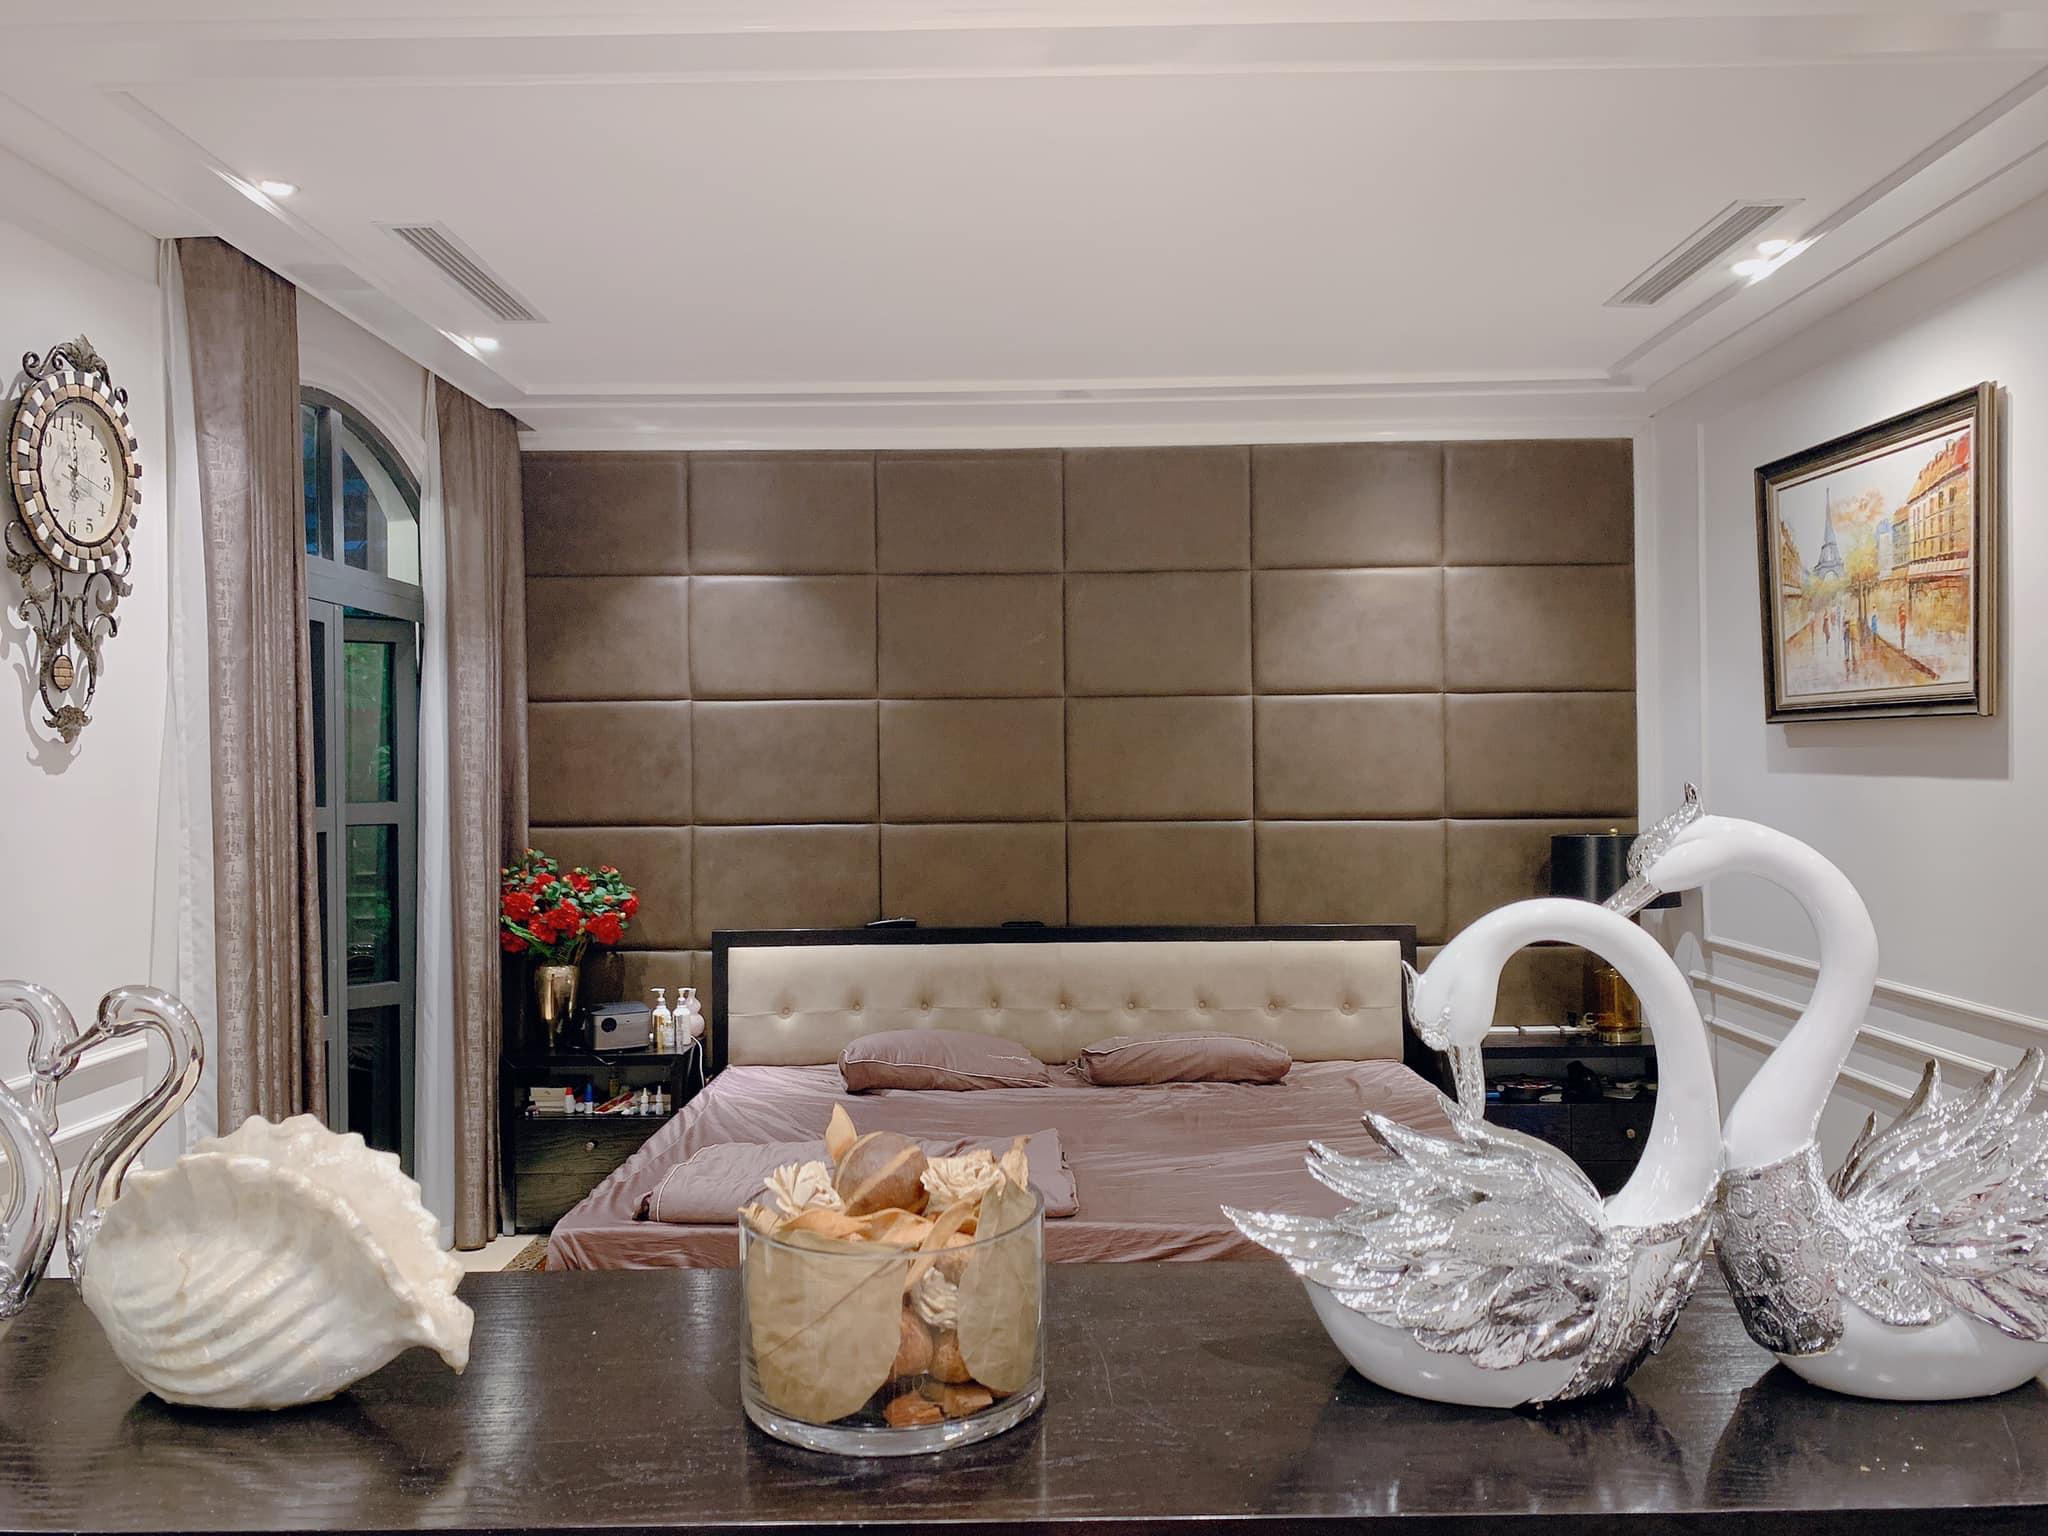 Hé lộ nội thất sang trọng ở biệt thự tiền tỷ của Tuấn Hưng và vợ hot girl